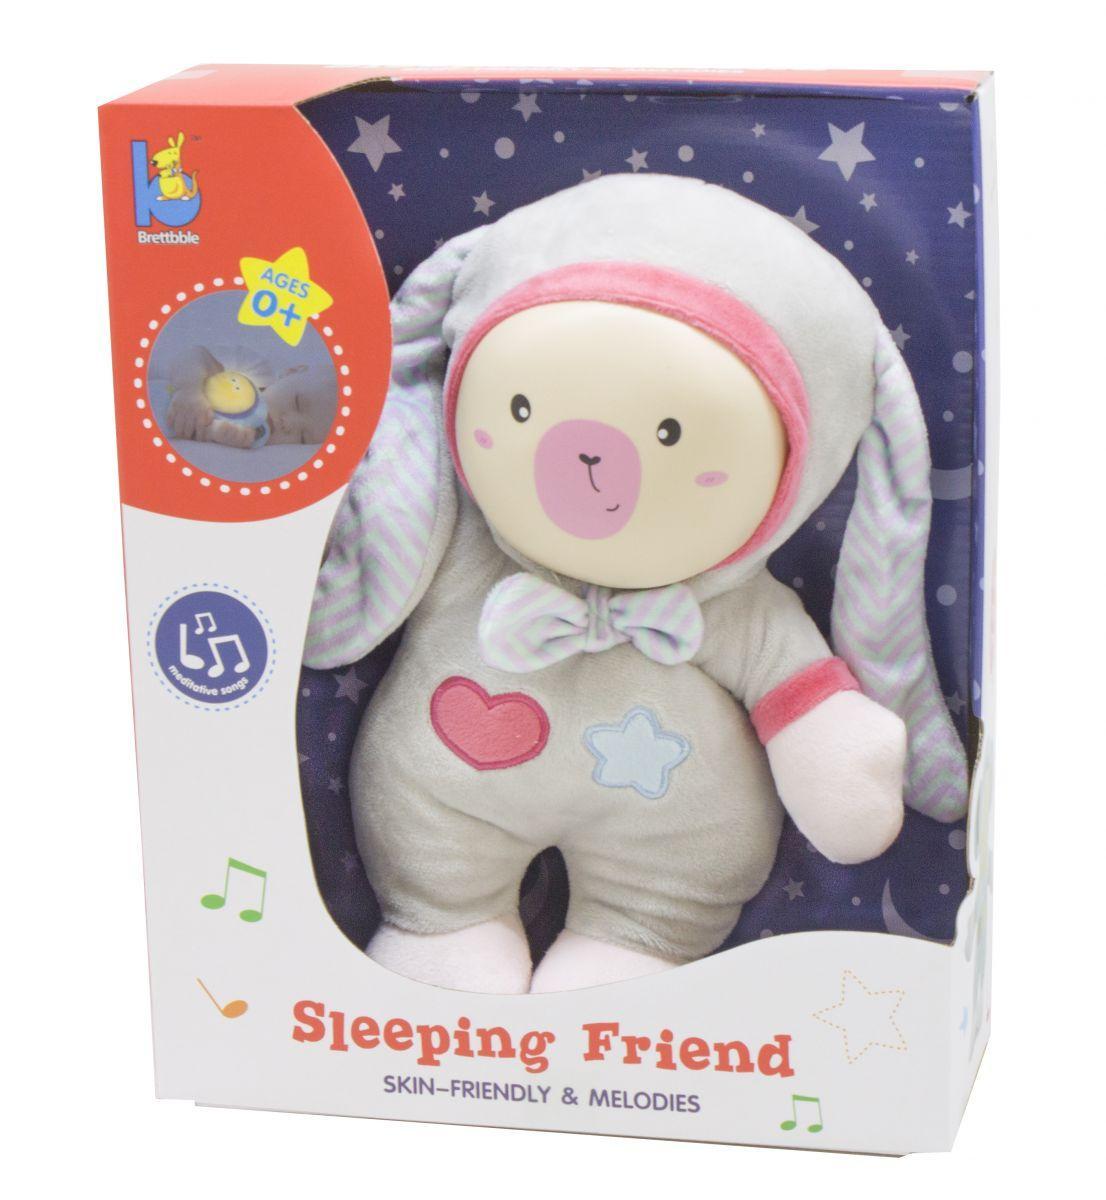 """Дитячий нічник м'яка іграшка """"Зайчик"""" Brettbble Sleeping Friend"""